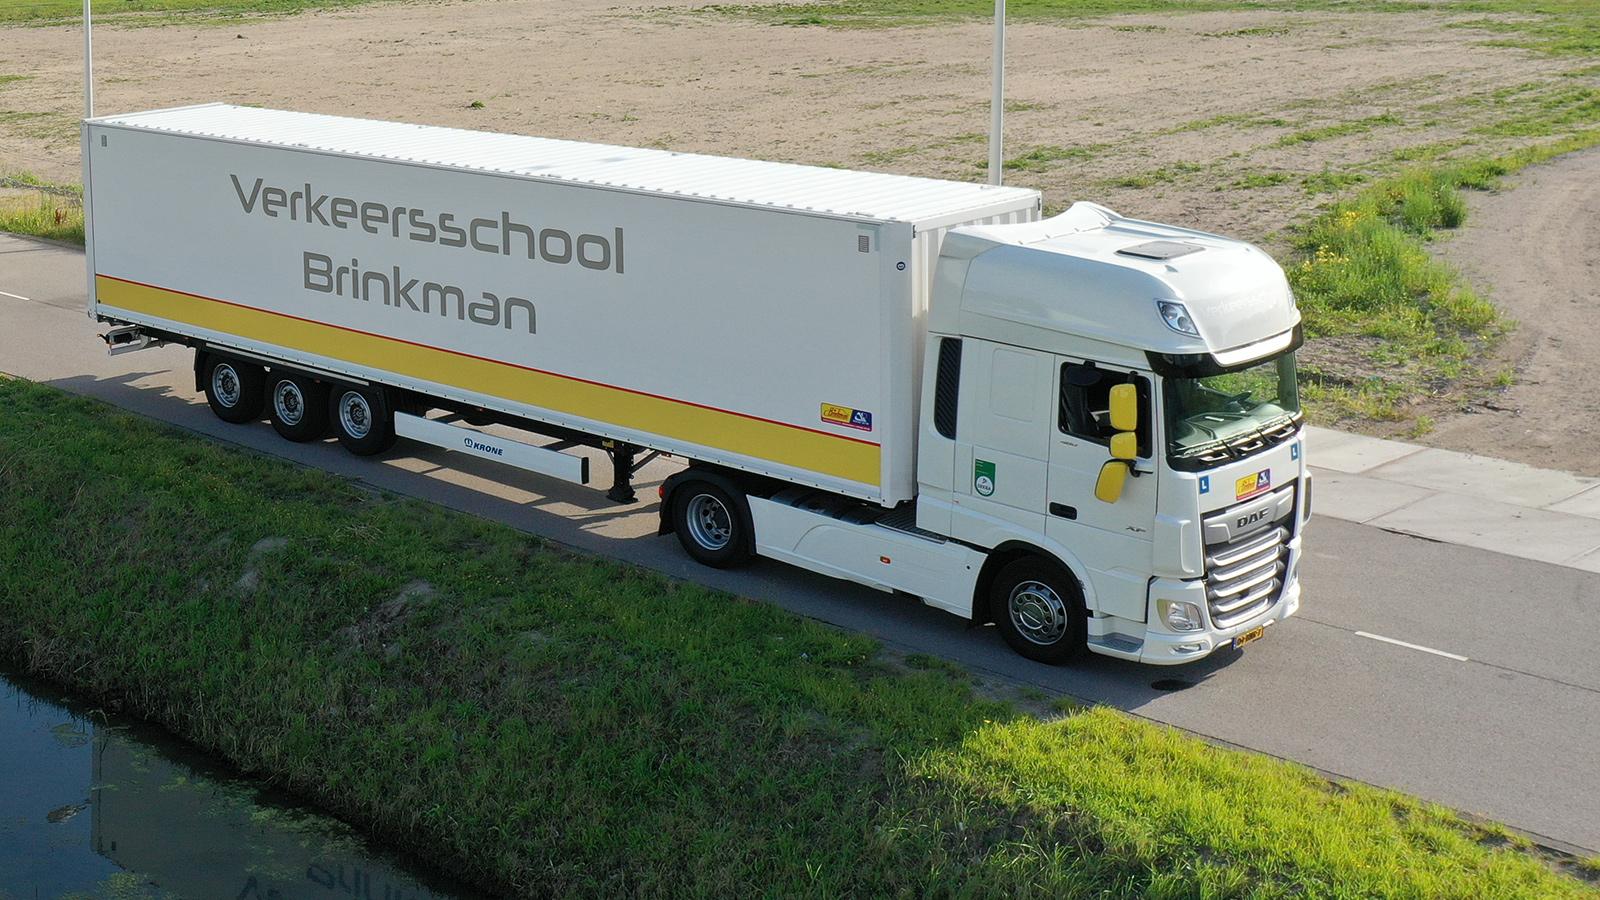 Verkeersschool Brinkman vrachtauto oplegger